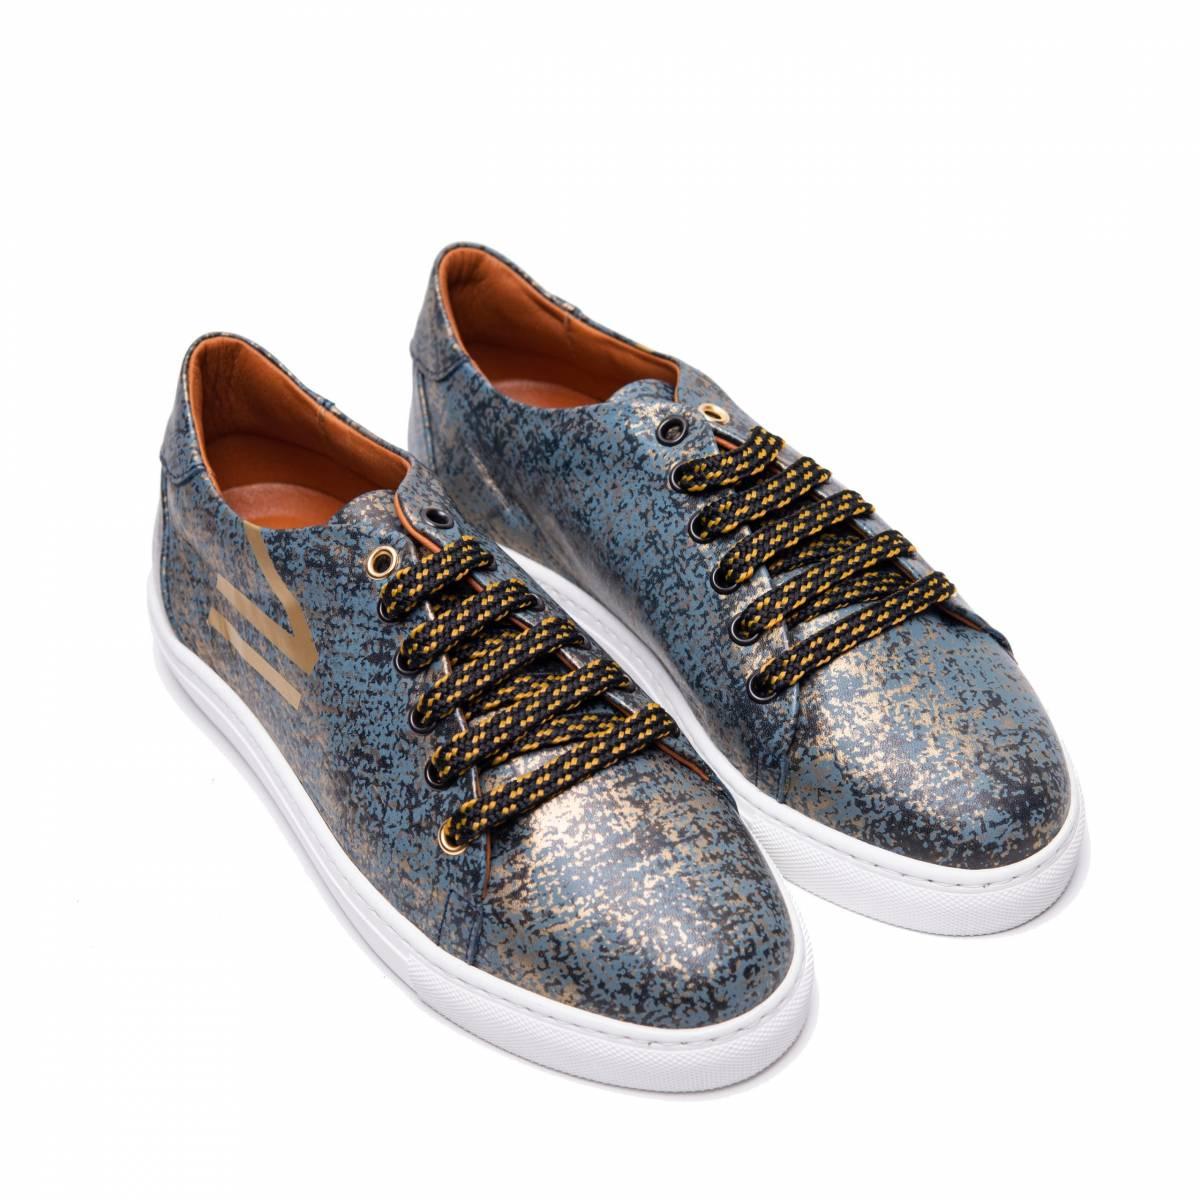 Doble-b-sneaker-azul-oro-lr.jpg